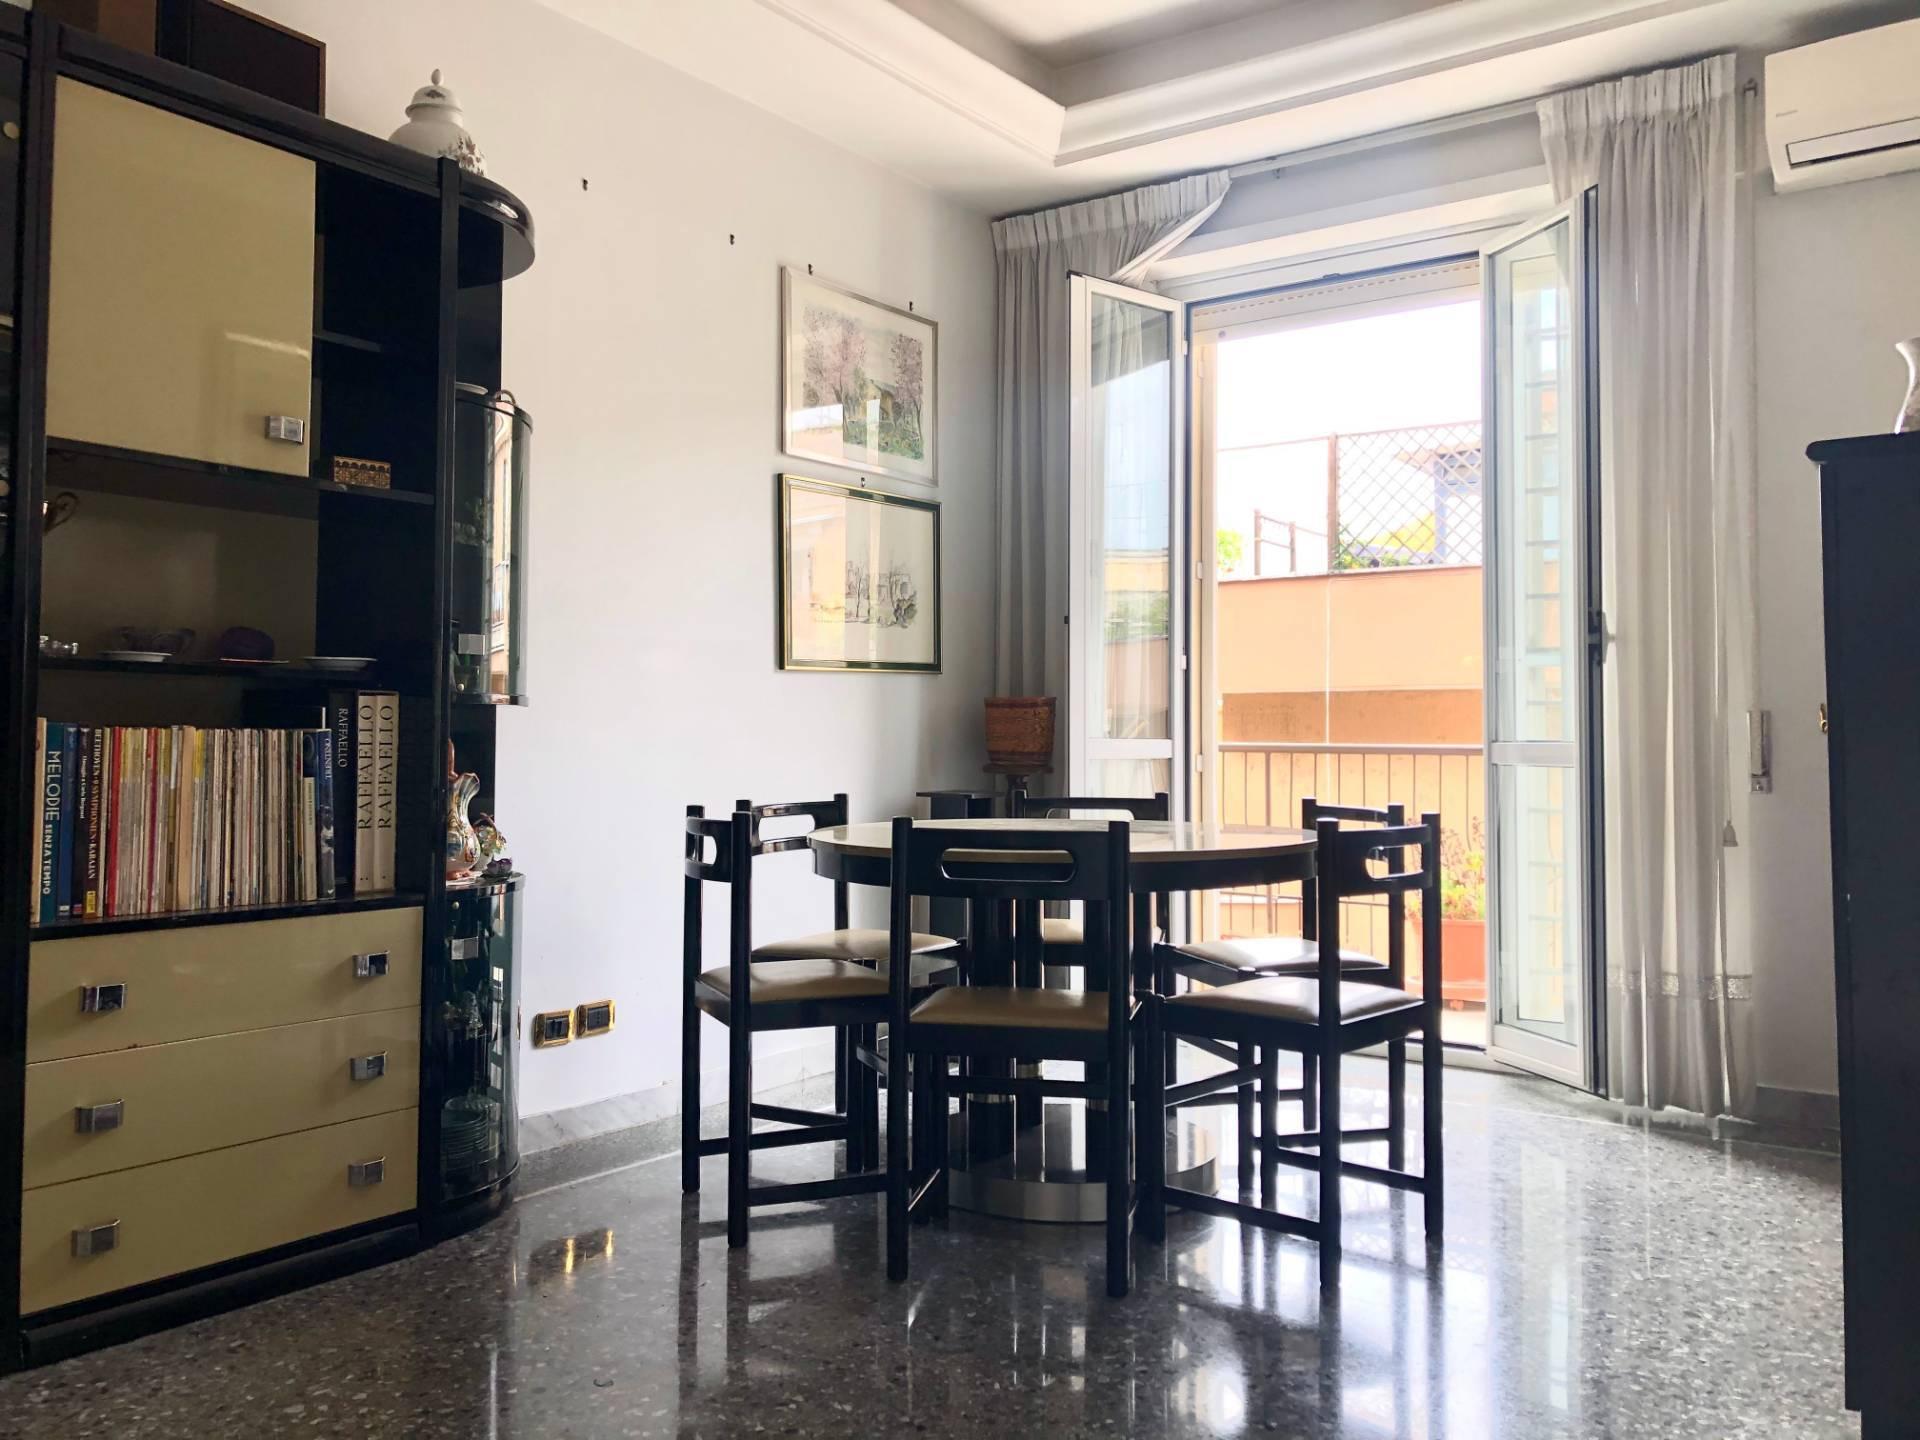 Appartamento in vendita a Roma, 3 locali, zona Zona: 24 . Gianicolense - Colli Portuensi - Monteverde, prezzo € 360.000   CambioCasa.it